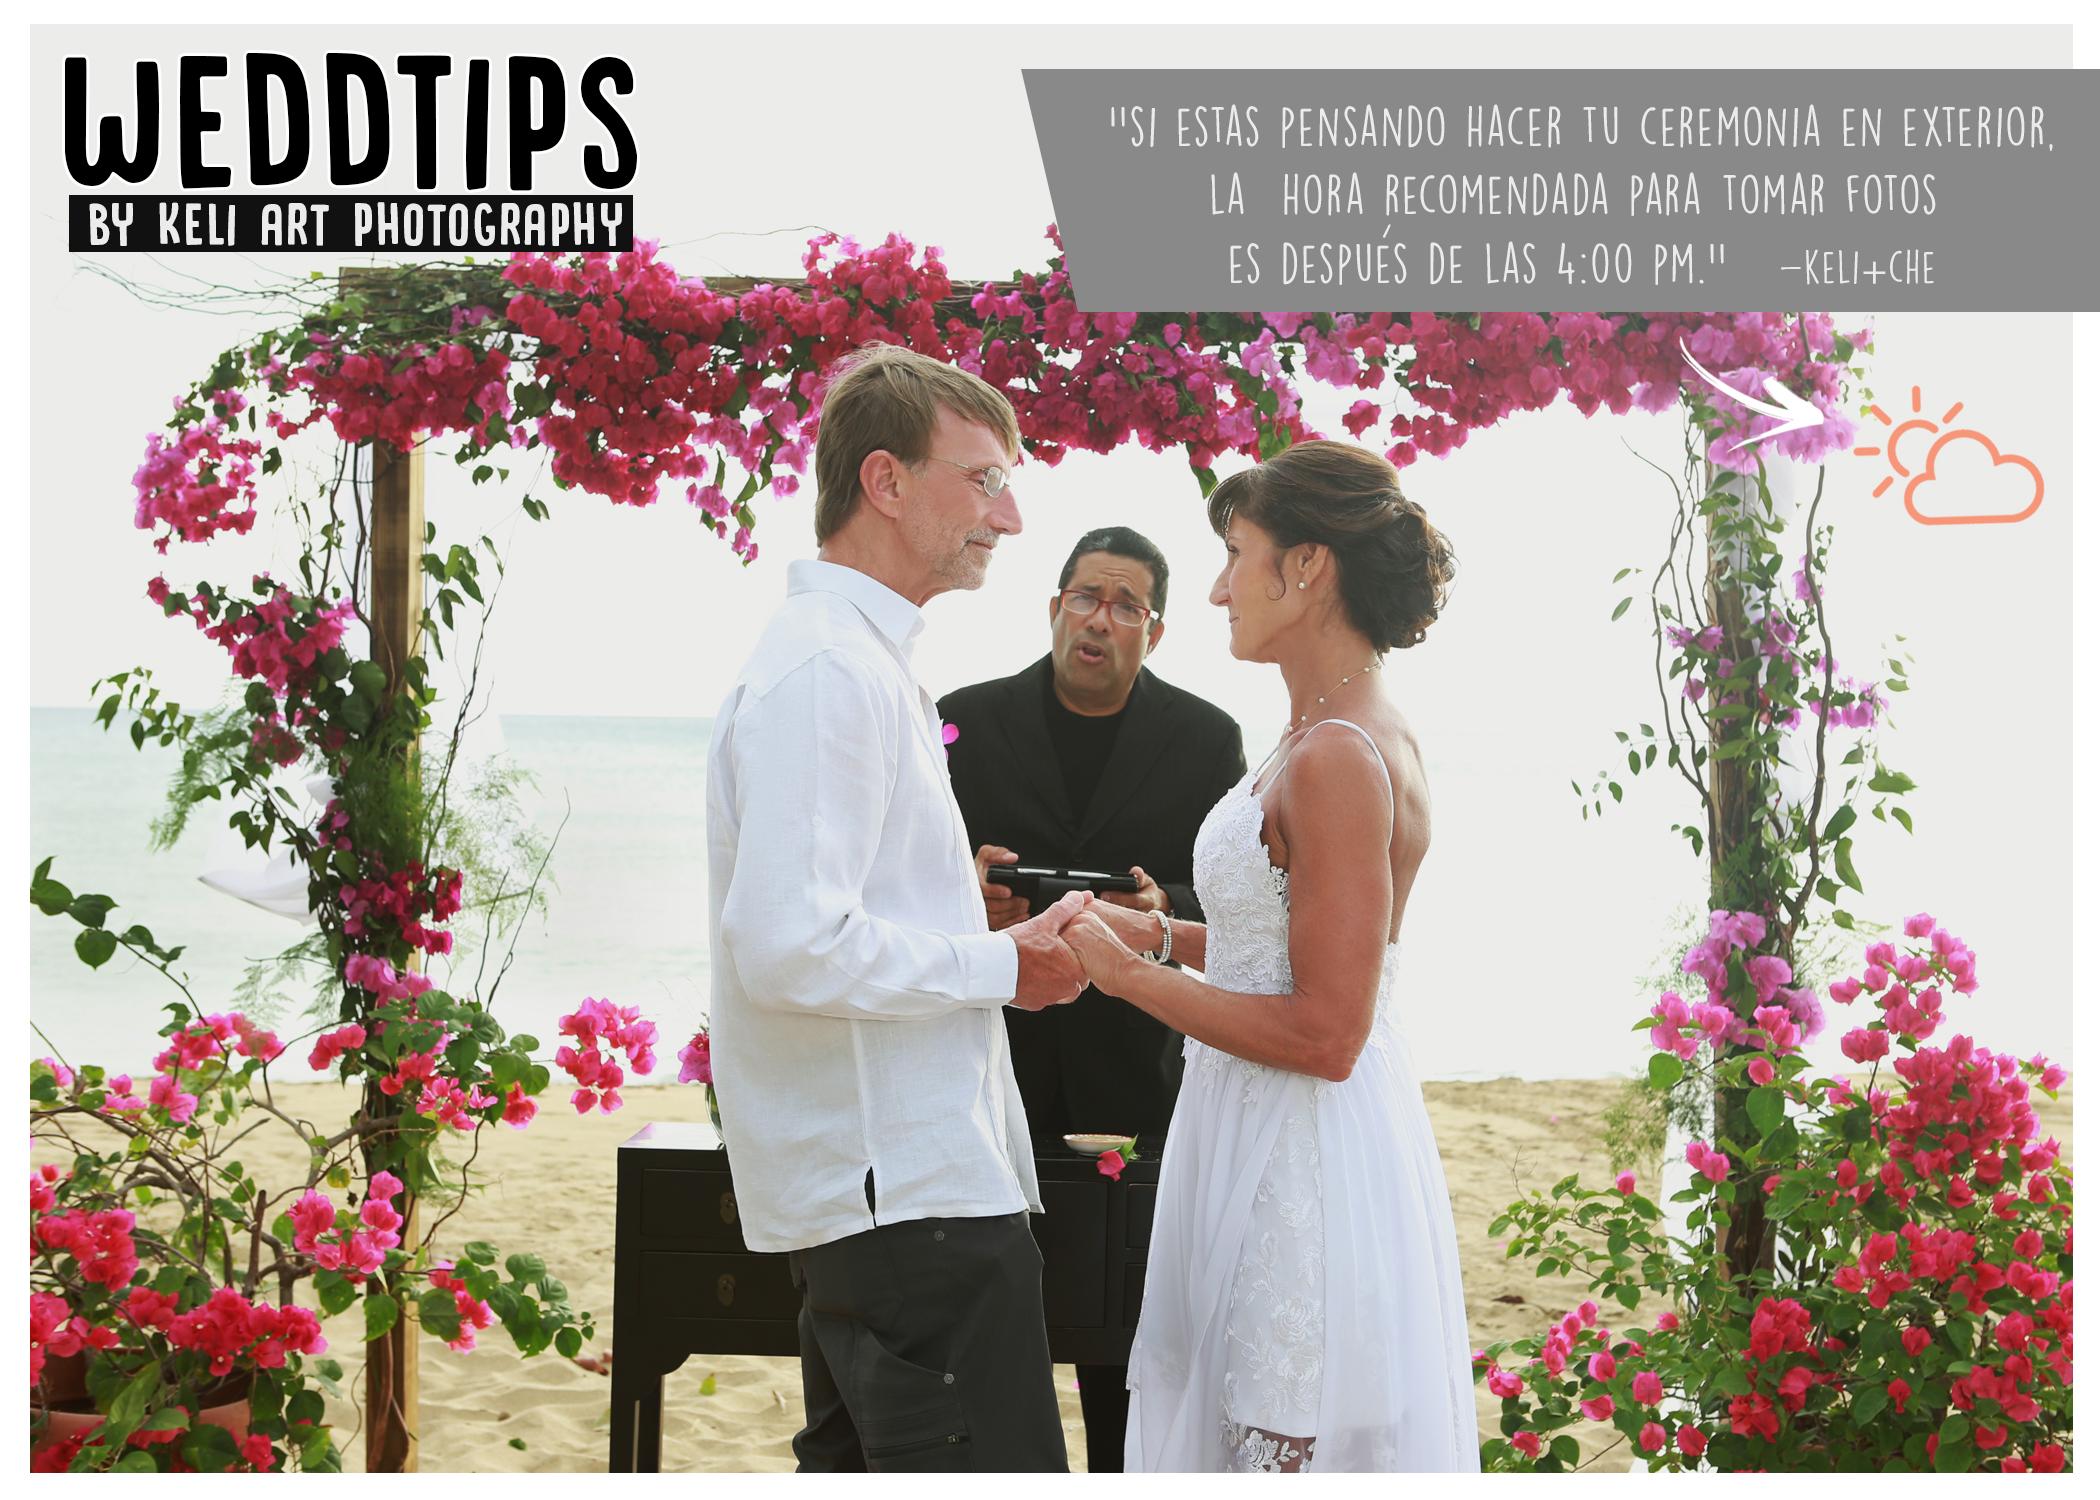 WeddTips: Si tu ceremonia será en exterior es bueno que leas éste consejo. Está muy de moda hacer bodas al aire libre, en especial la ceremonia. Muchas veces no se toman en consideración algunos detalles que son muy importantes. Por ejemplo, la HORA. Nuestra recomendación es luego de las 4:00pm ya que la ubicación del sol es perfecta para fotografía. Los novios no van a tener mucha calor y la luz del sol no va a molestar su vista. No es recomendable hacer ceremonias en exterior antes de las 4:00 pm y mucho menos cerca del medio día. El fuerte sol que tenemos va a crear sombras indeseadas, áreas de luz fuerte, mucha calor, ojos cerrados por tanta luz y nadie va a estar 100% cómodo. En cambio, la luz del atardecer es hermosa, suave y perfecta para fotos.